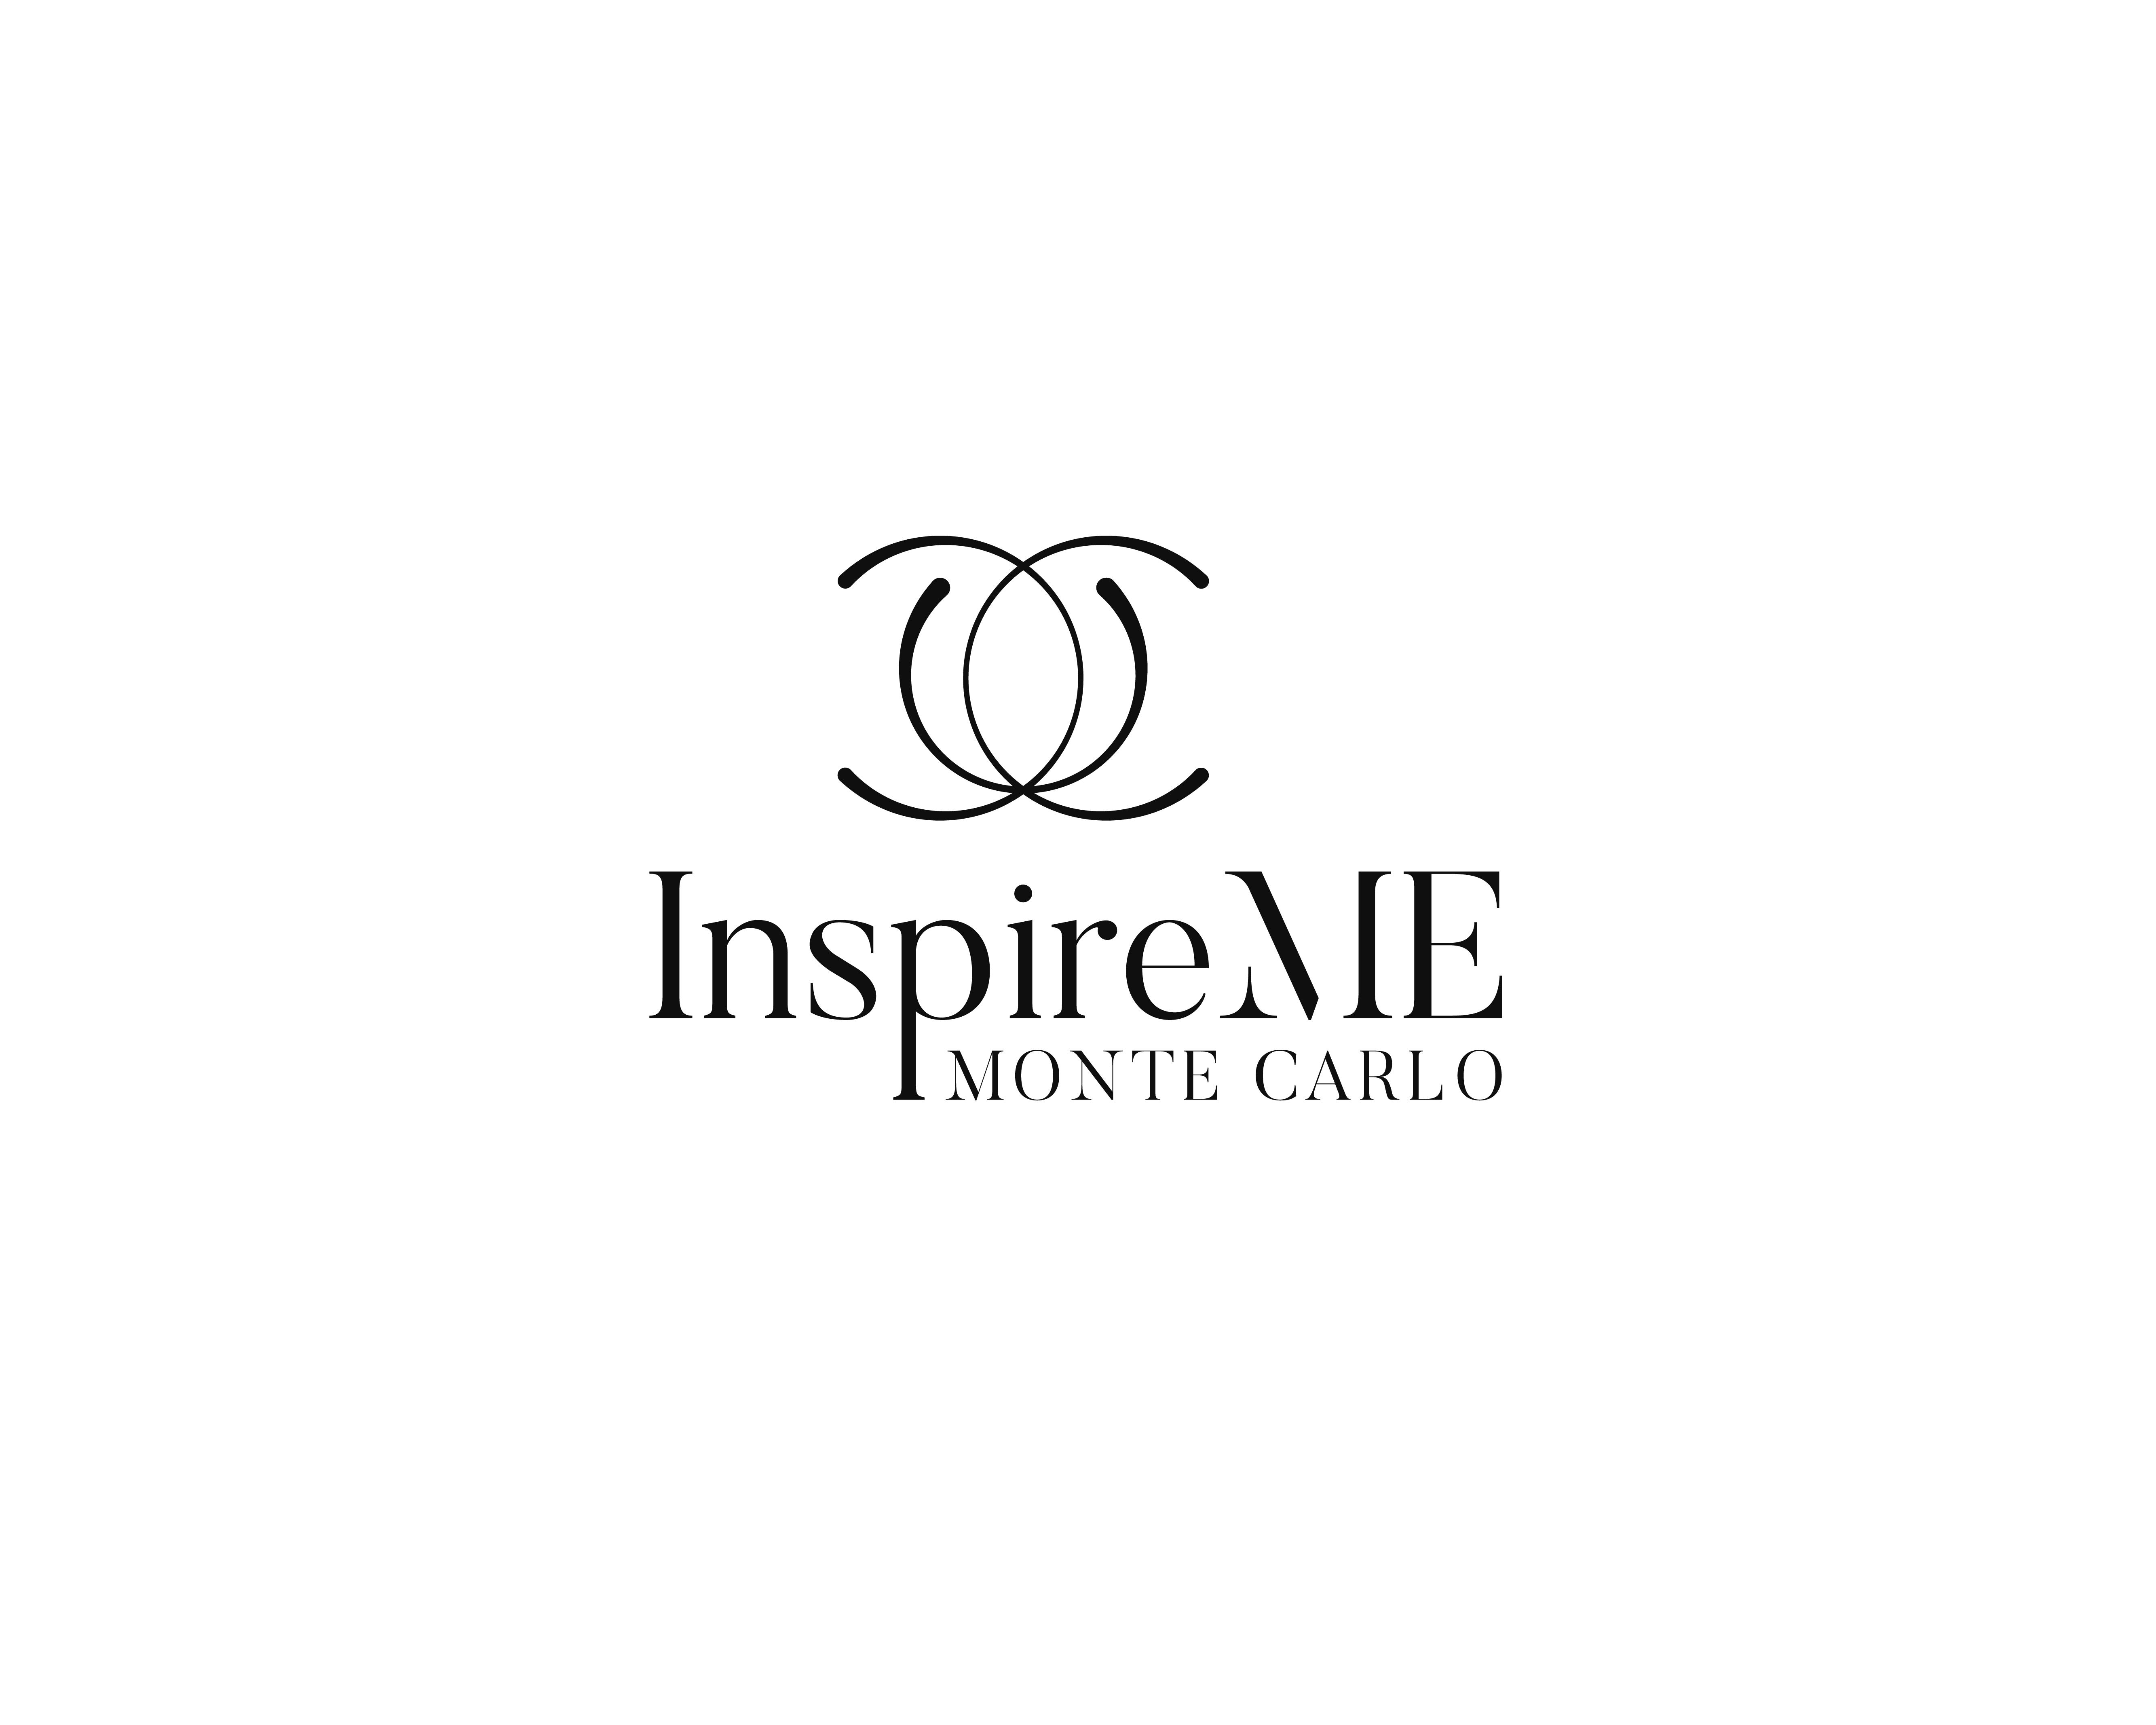 INSPIRE ME MONTE CARLO